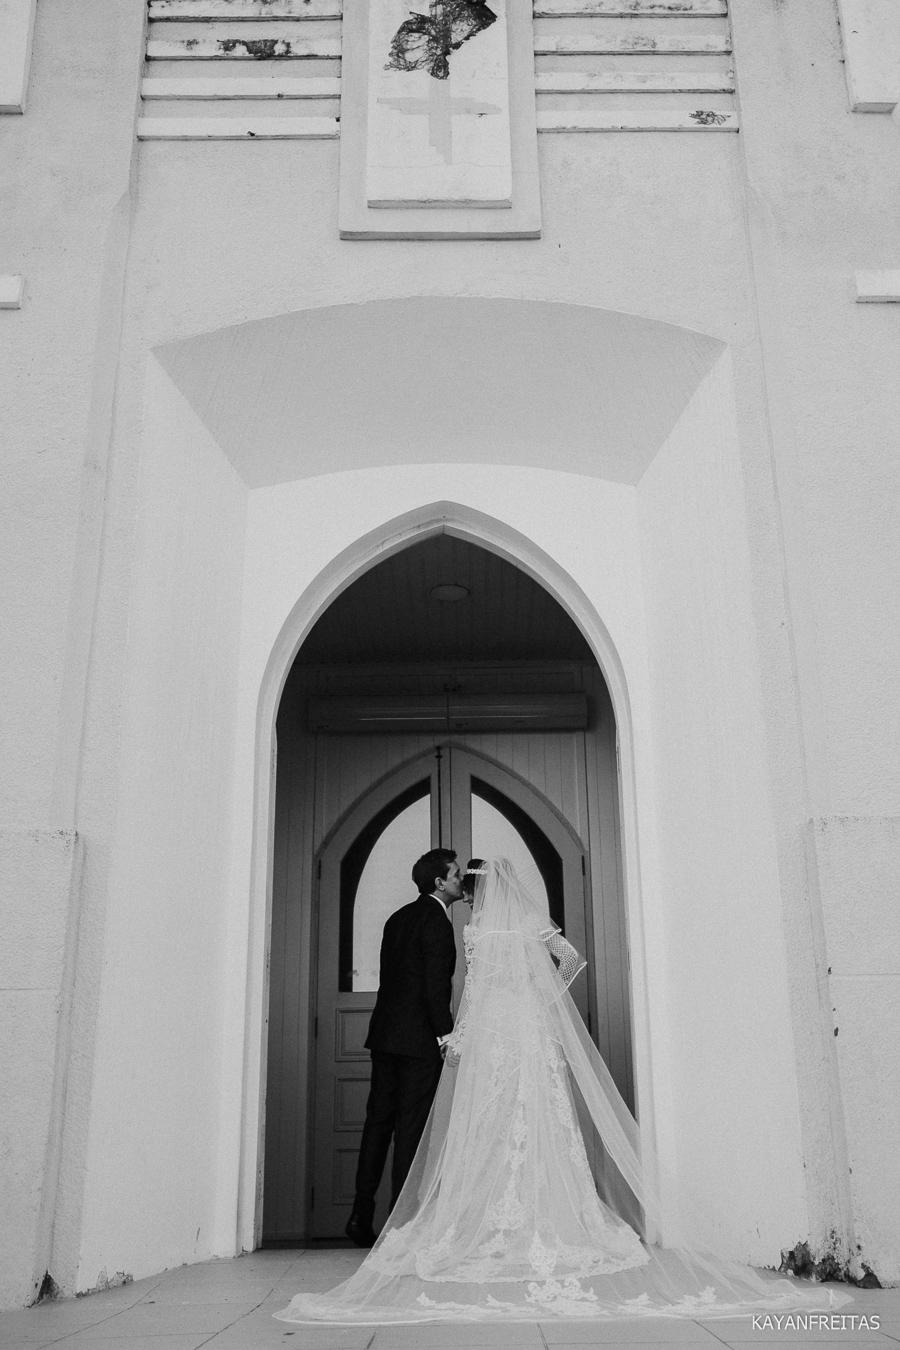 fotos-casamento-floripa-bed-0061 Casamento em São José - Izabelle e Douglas